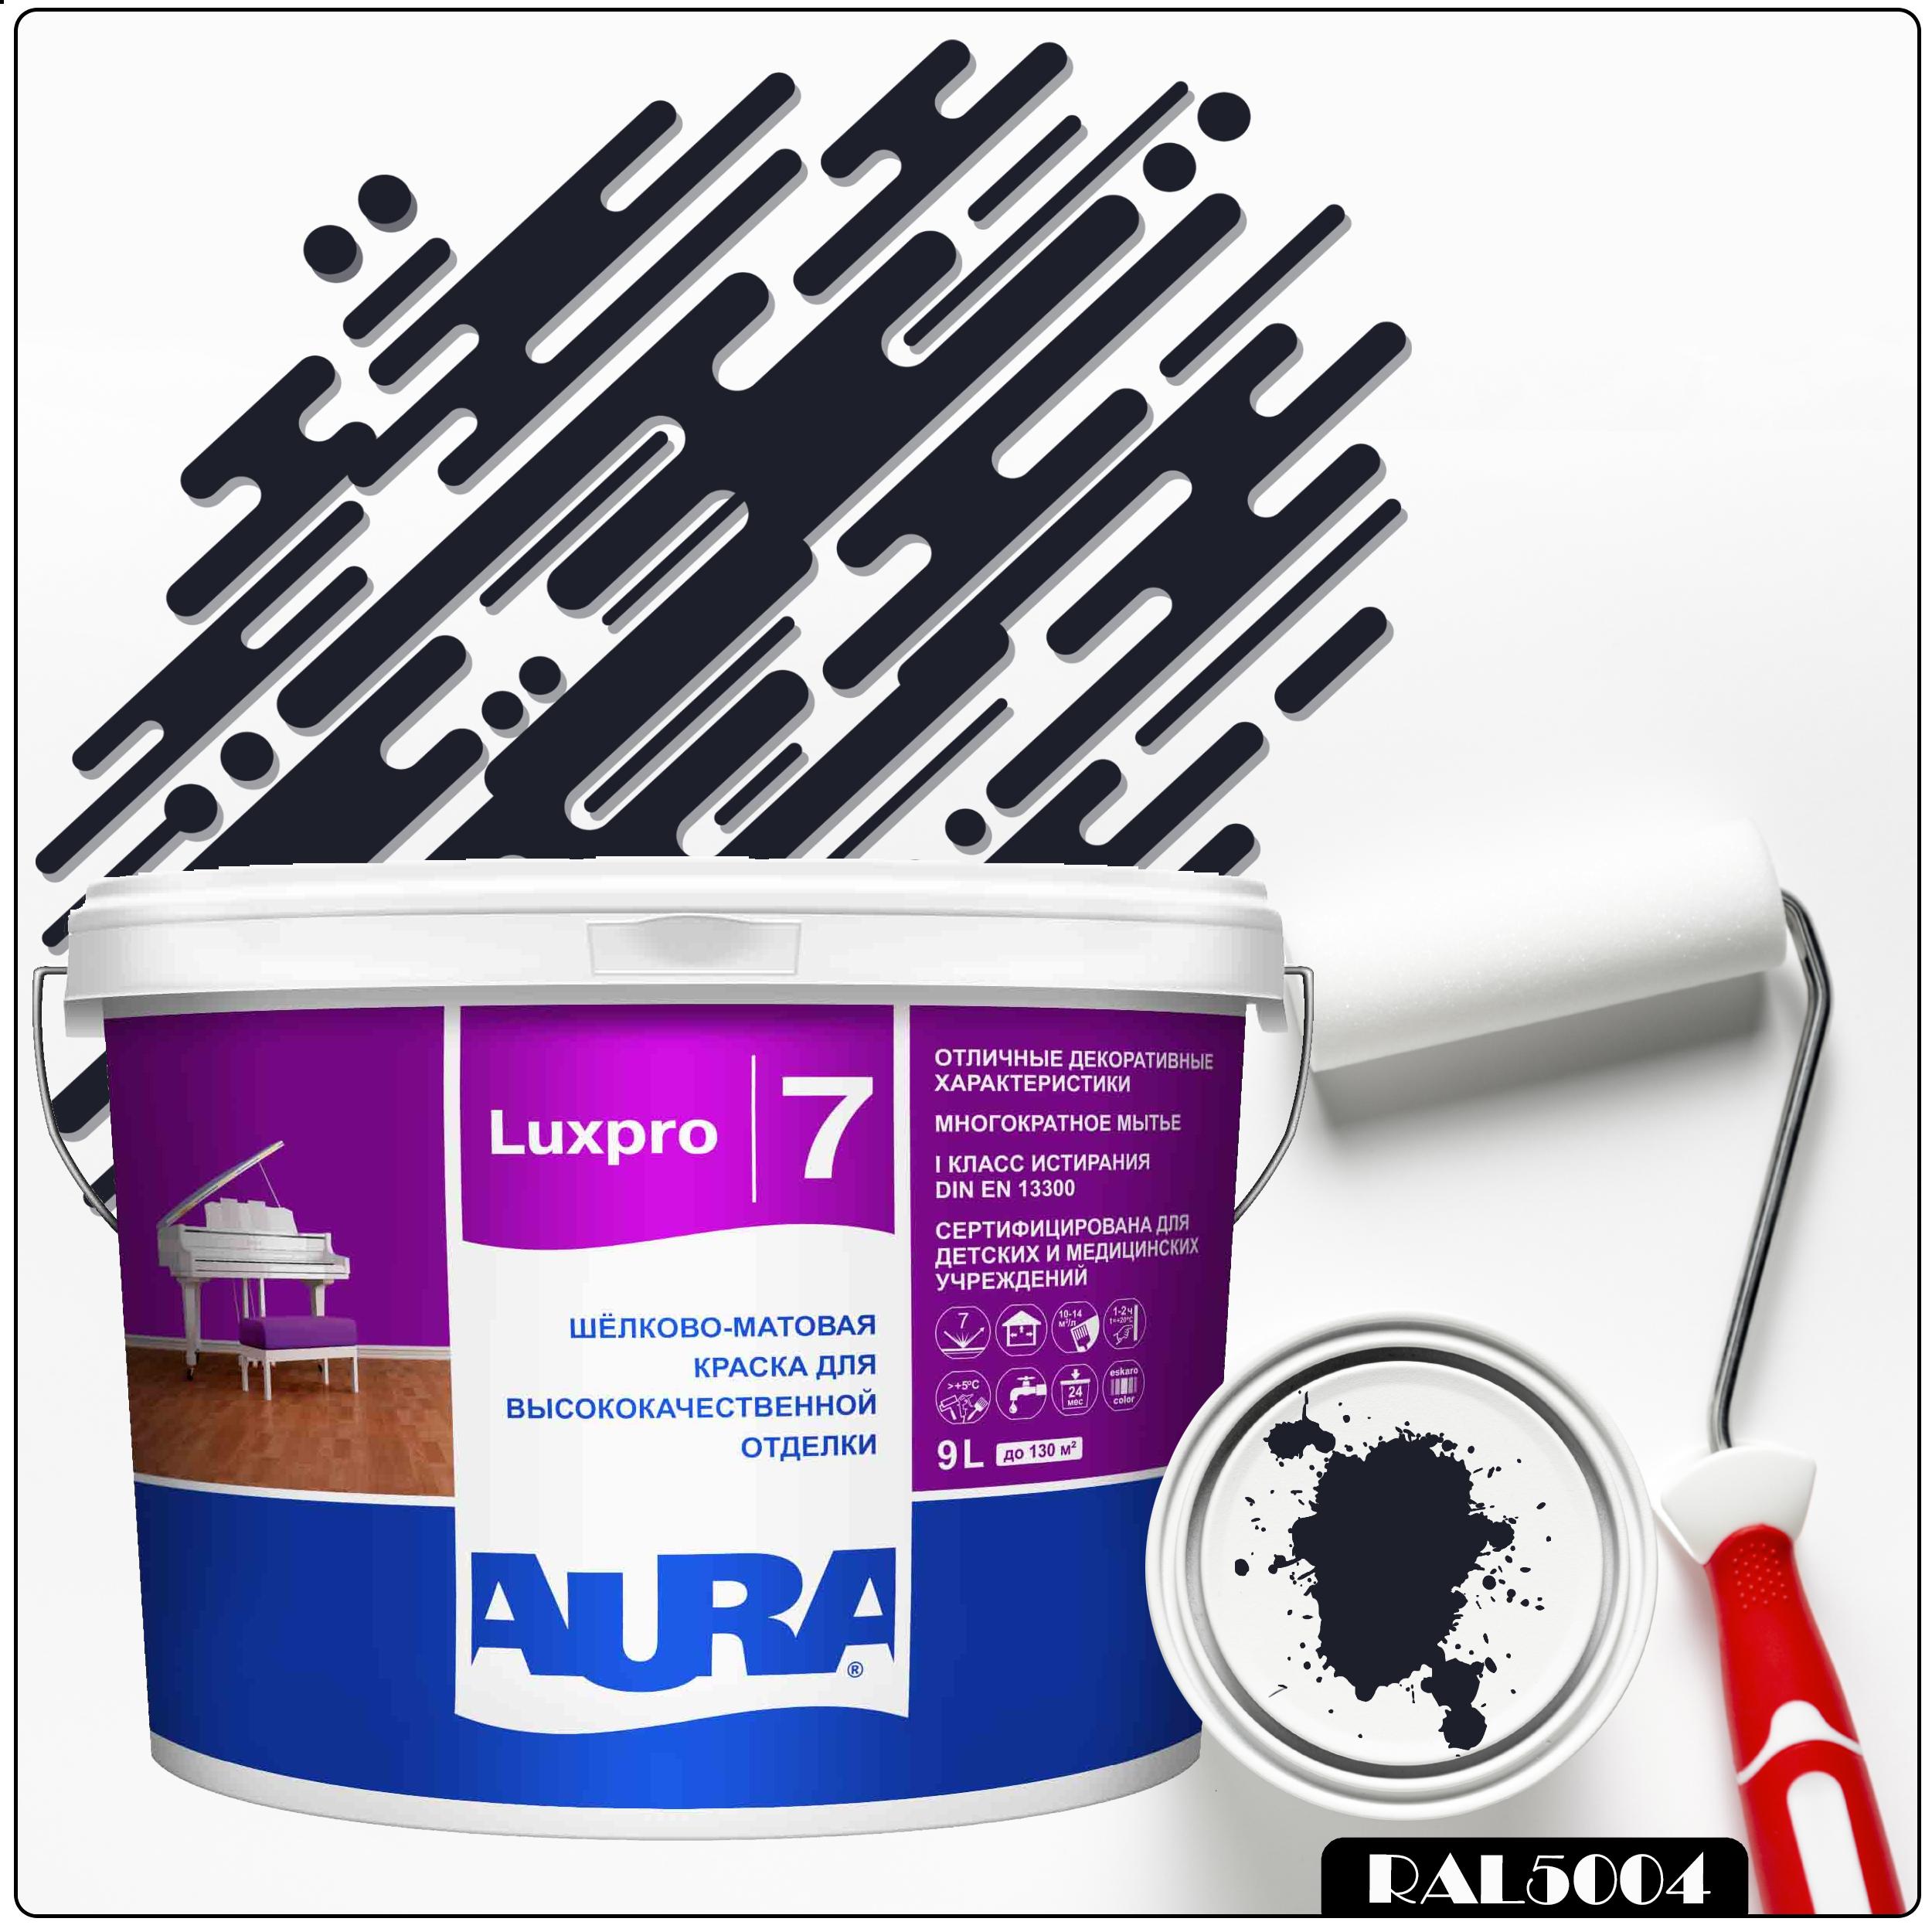 Фото 5 - Краска Aura LuxPRO 7, RAL 5004 Чёрно-синий, латексная, шелково-матовая, интерьерная, 9л, Аура.